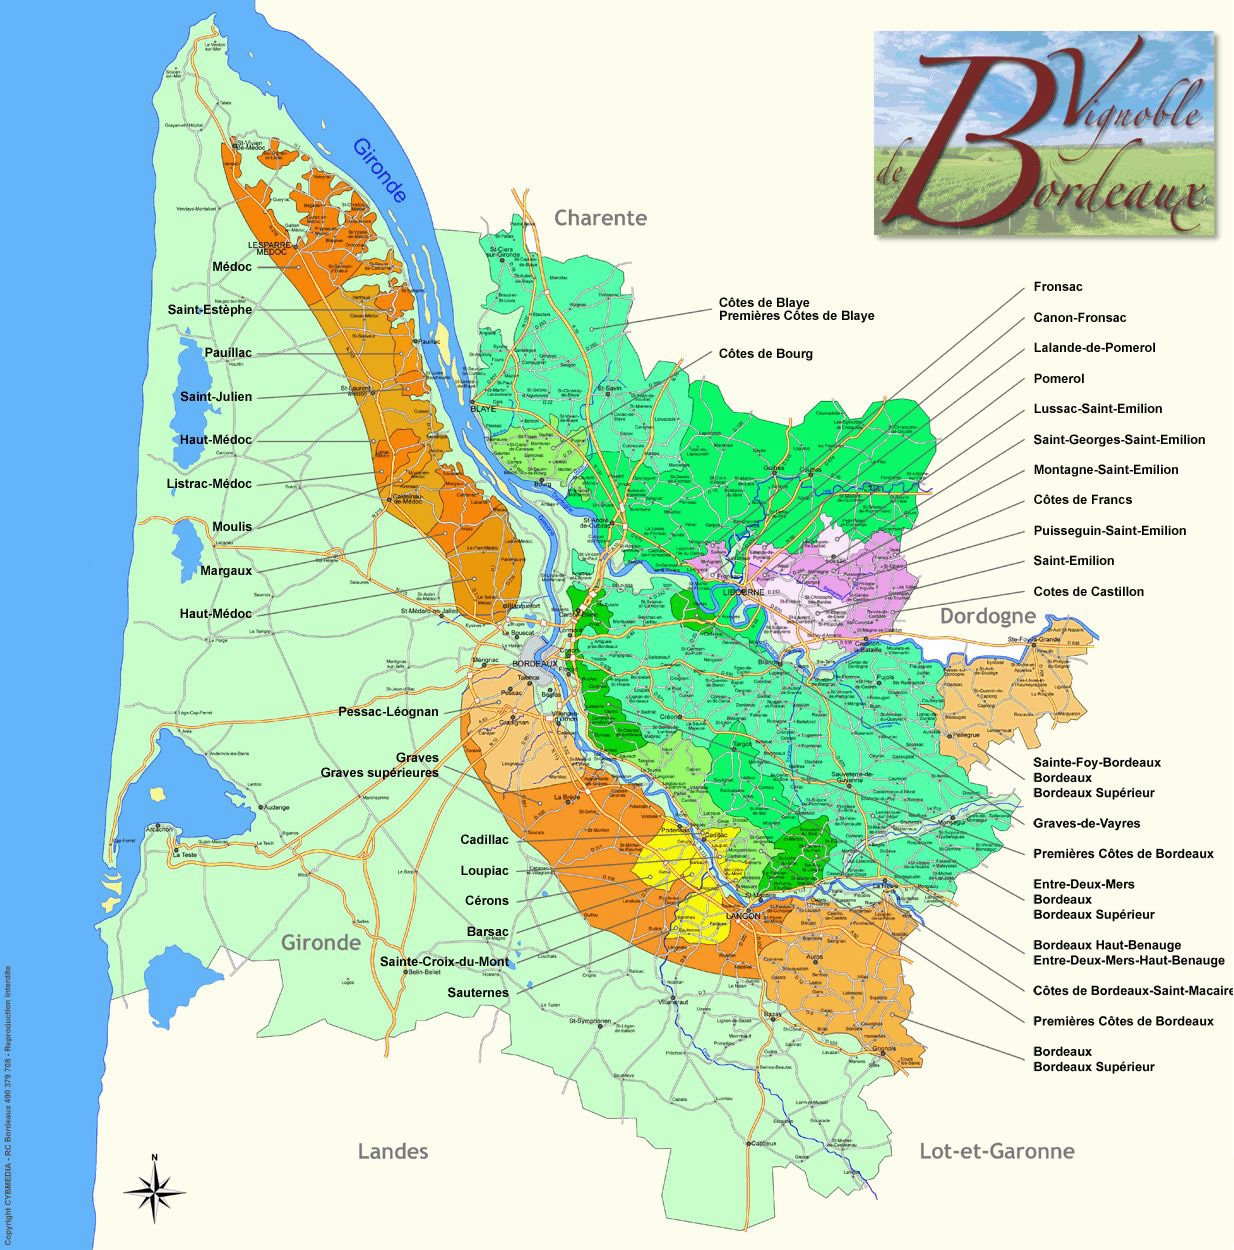 Carte vins Bordeaux - Vins Bordeaux à Ouistreham (Caen la mer)